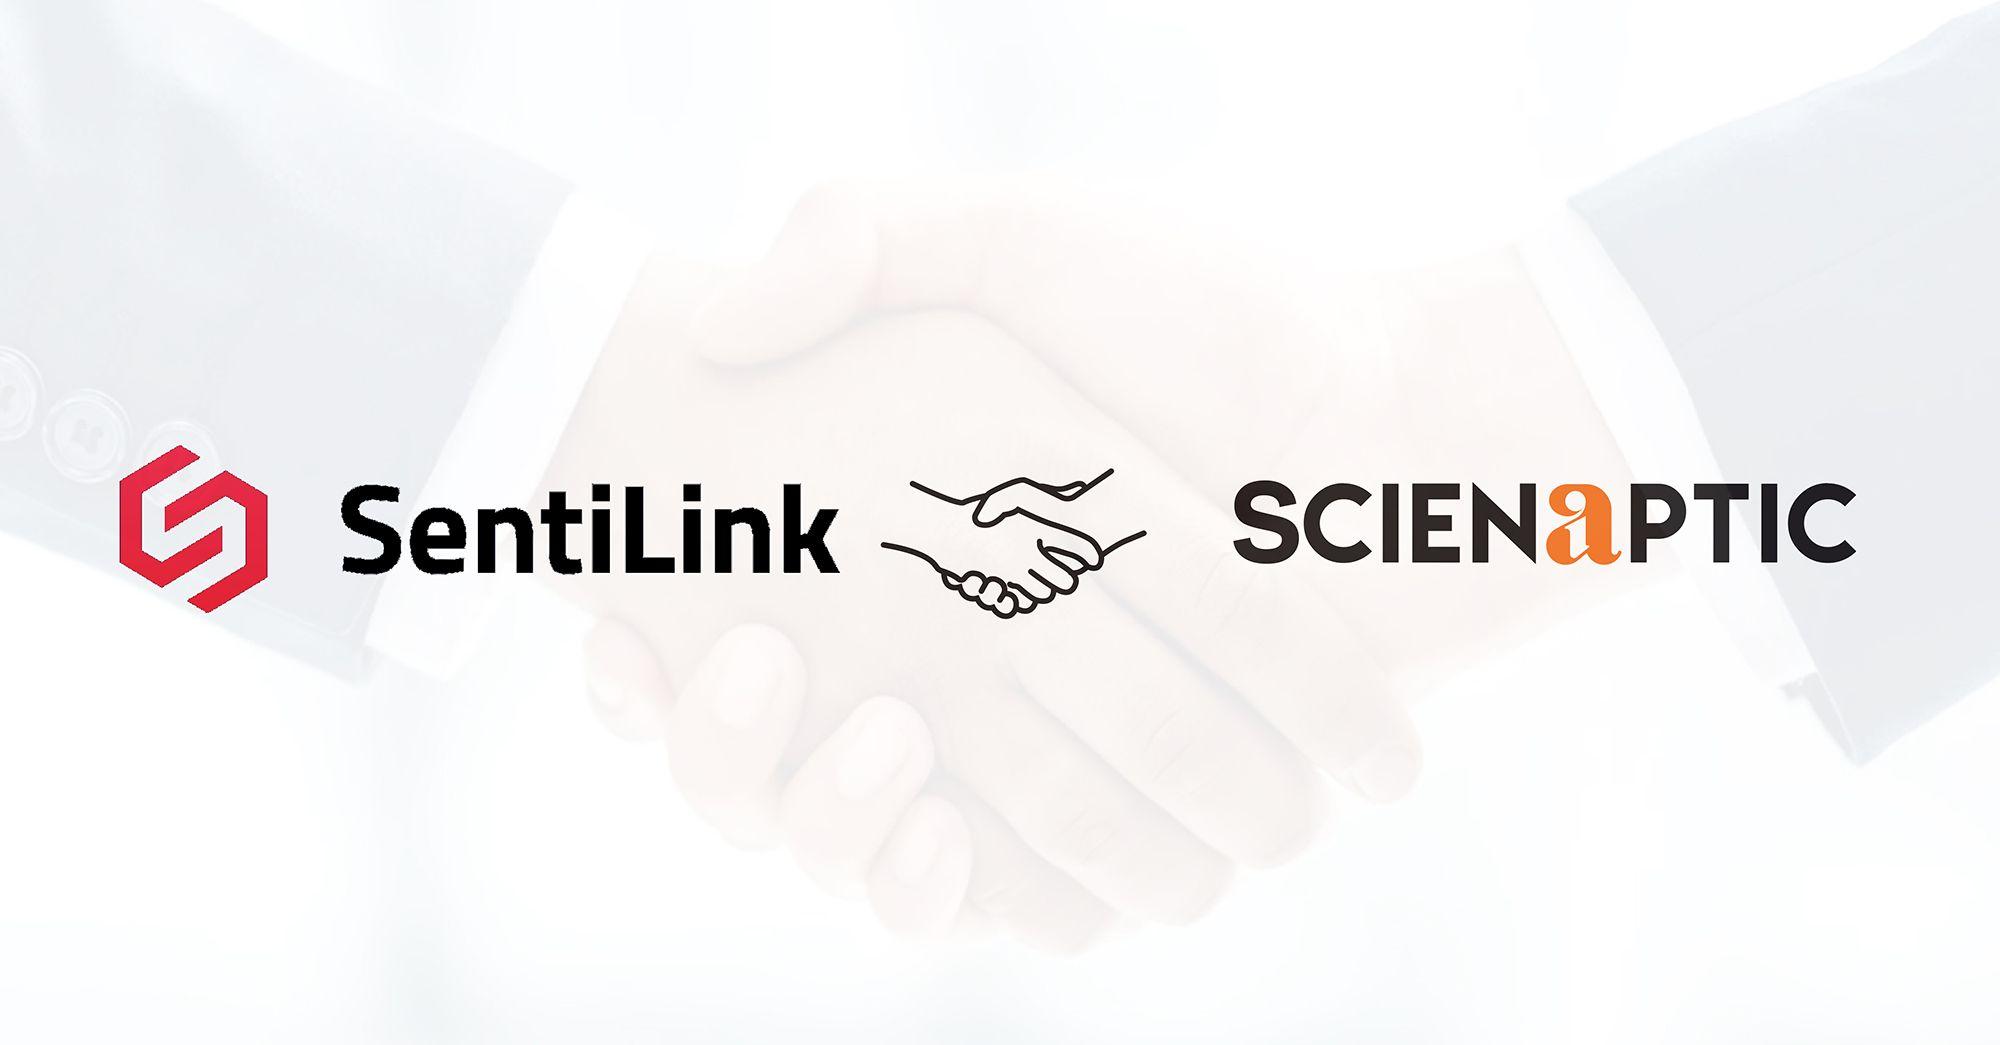 Sentilink - Scienaptic